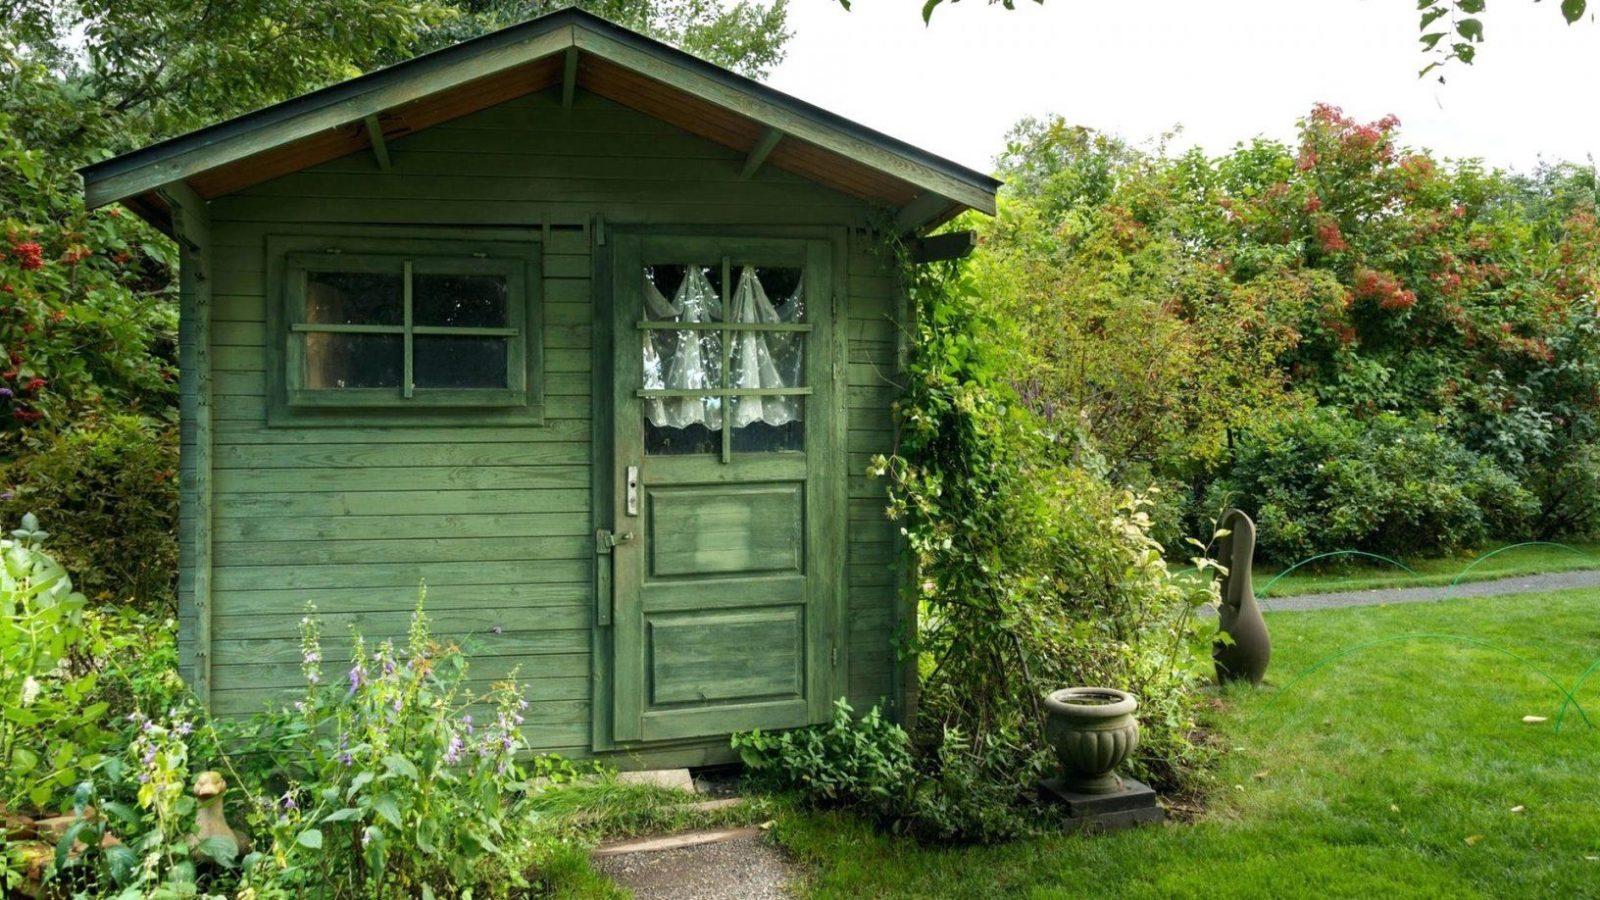 Gartenhaus Selber Bauen Stein Mauern Gartenhauser Aus von Gartenhaus Aus Stein Selber Bauen Photo